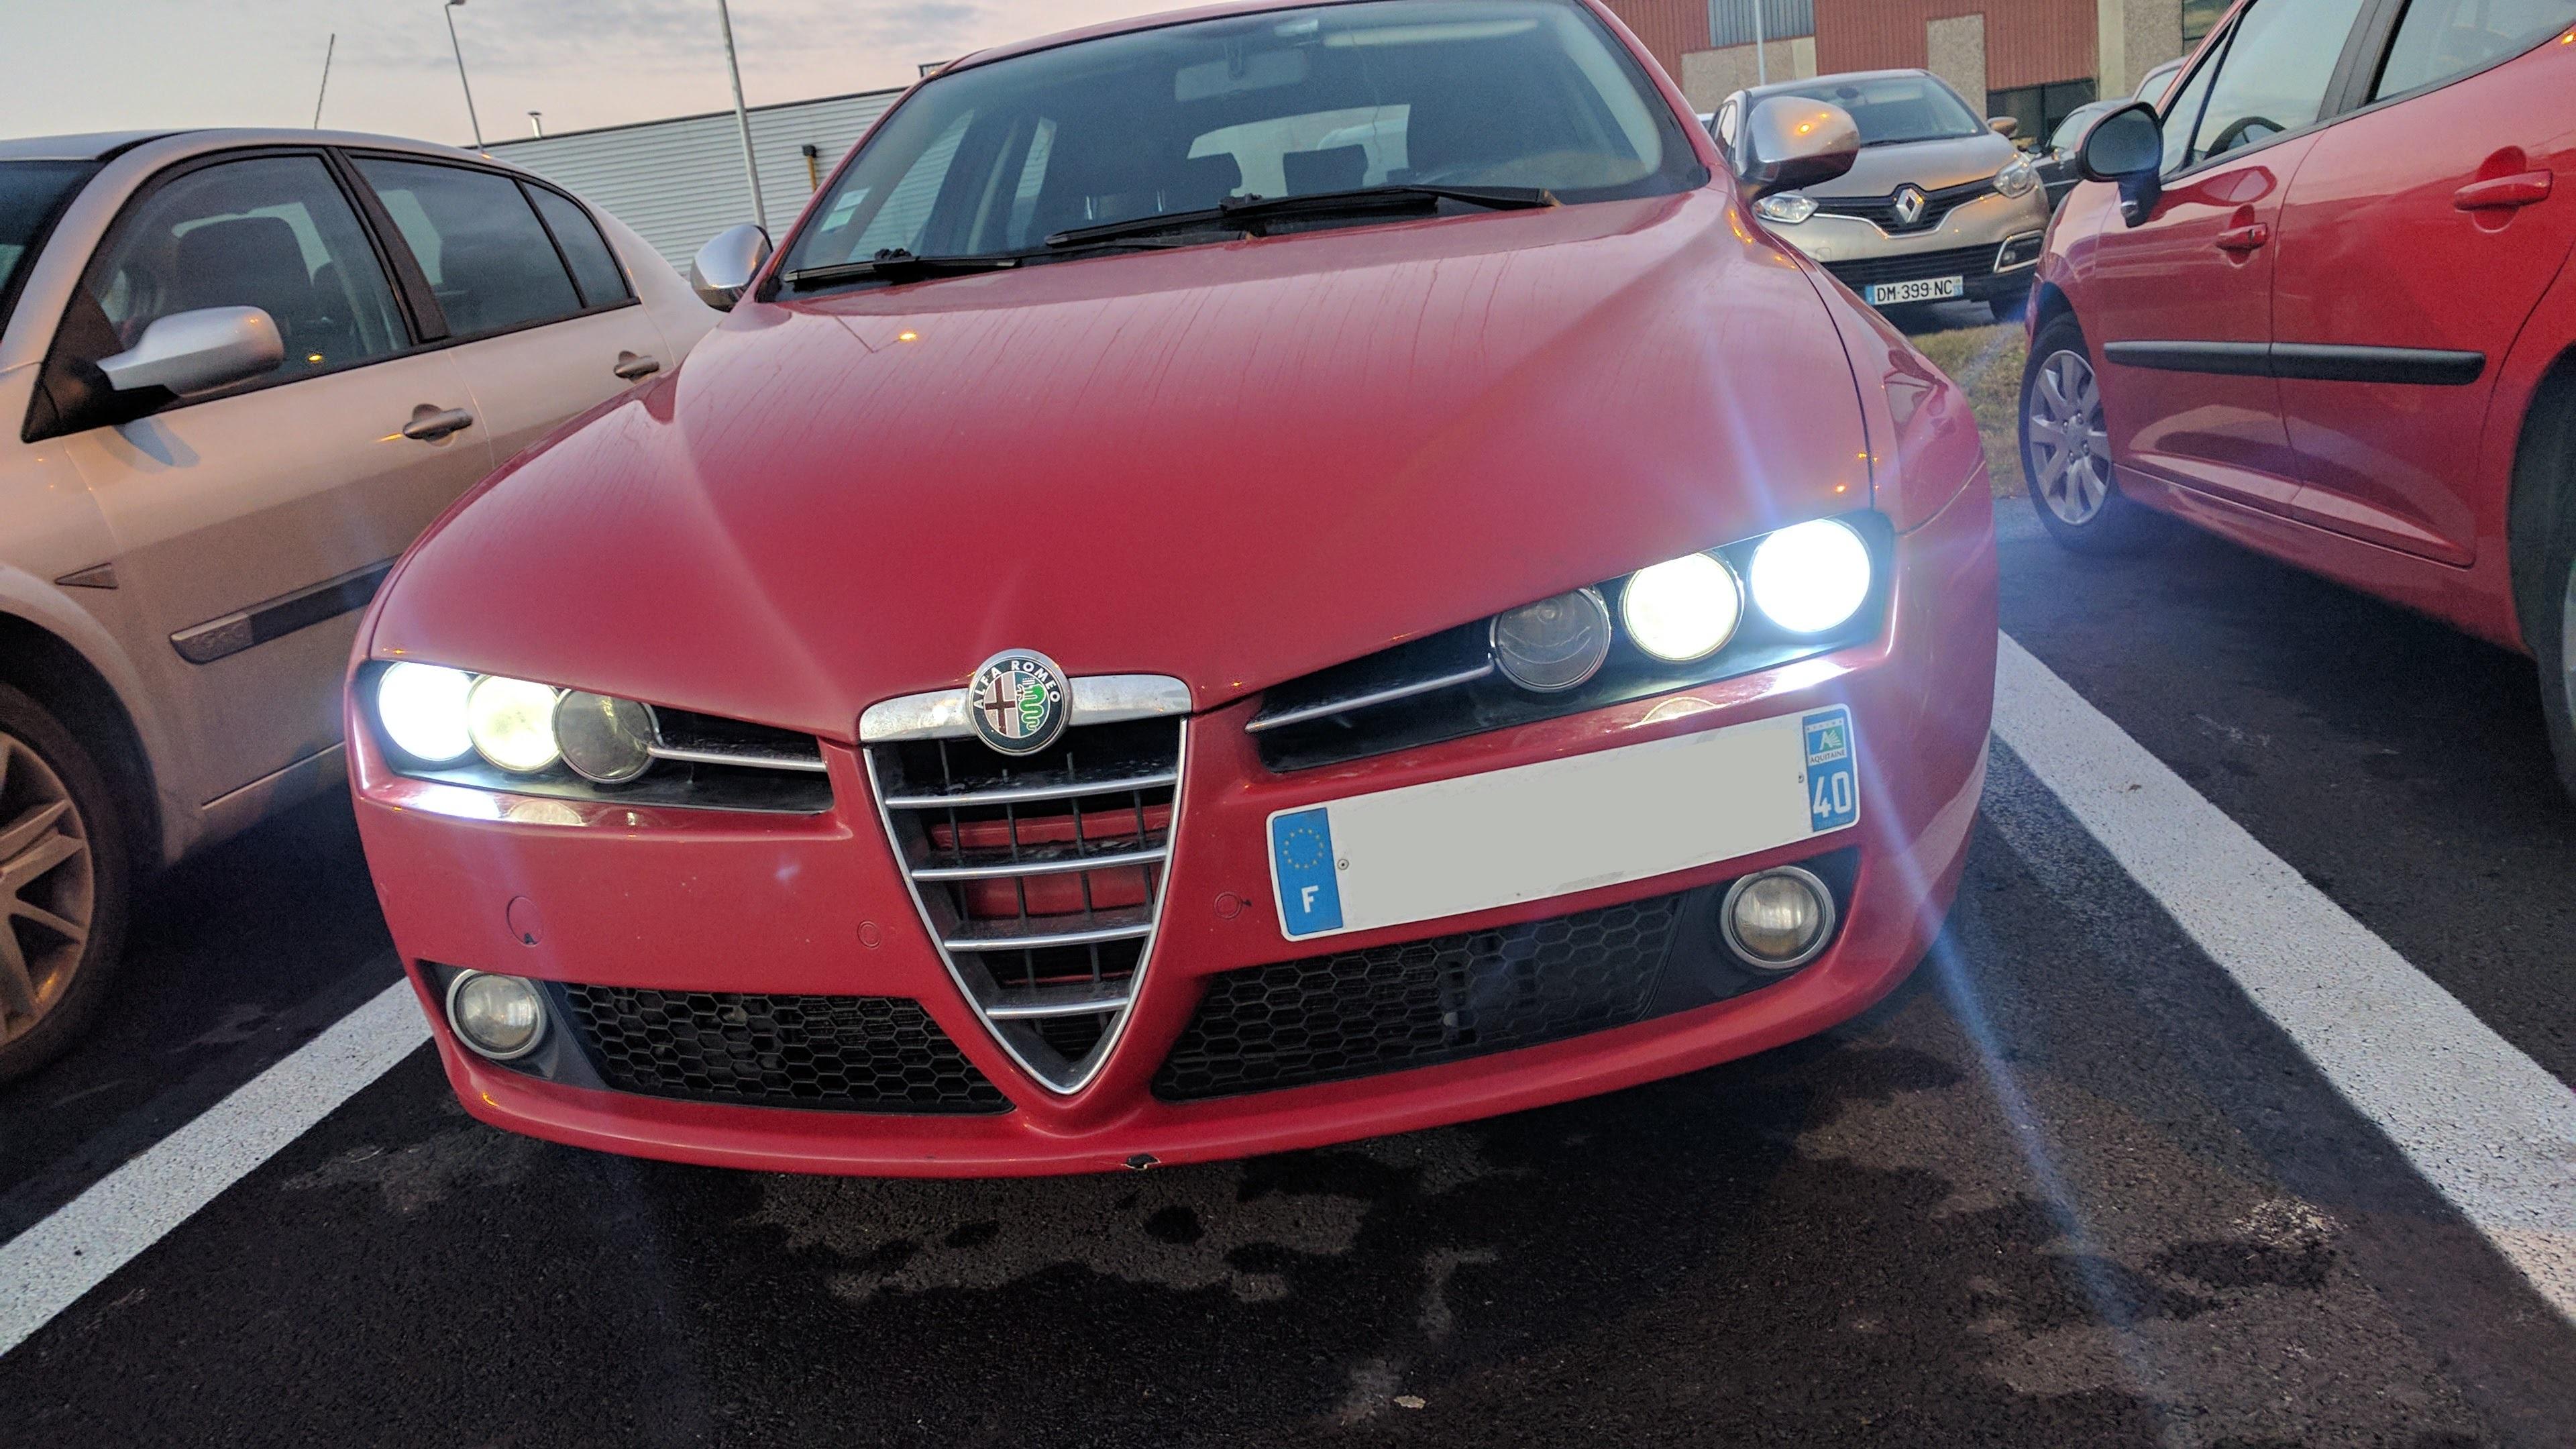 De 159 Alfa Online Lmqsupvzg Ampoules Leds Forum Romeo Phares wONPX0n8kZ